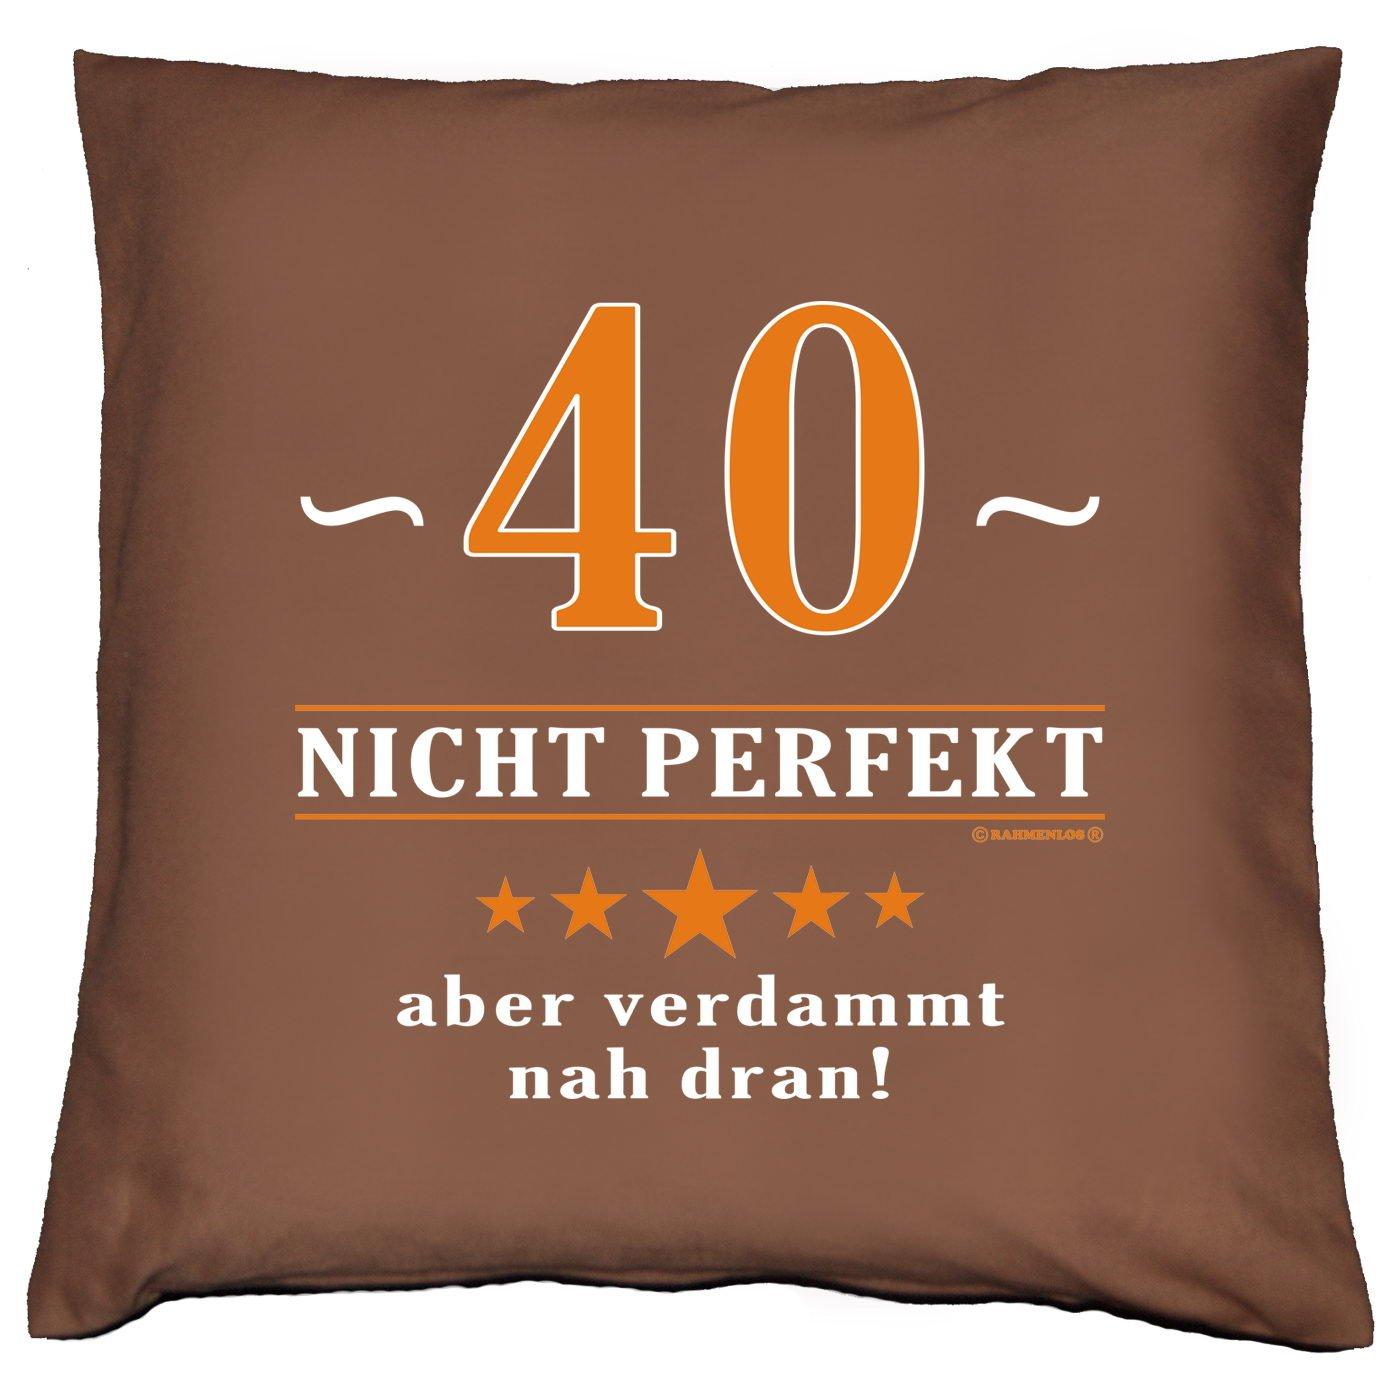 Kissen mit Innenkissen – 40 – nicht perfekt aber verdammt nahe dran! – zum 40. Geburtstag Geschenk – 40 x 40 cm – in schoco-braun online bestellen